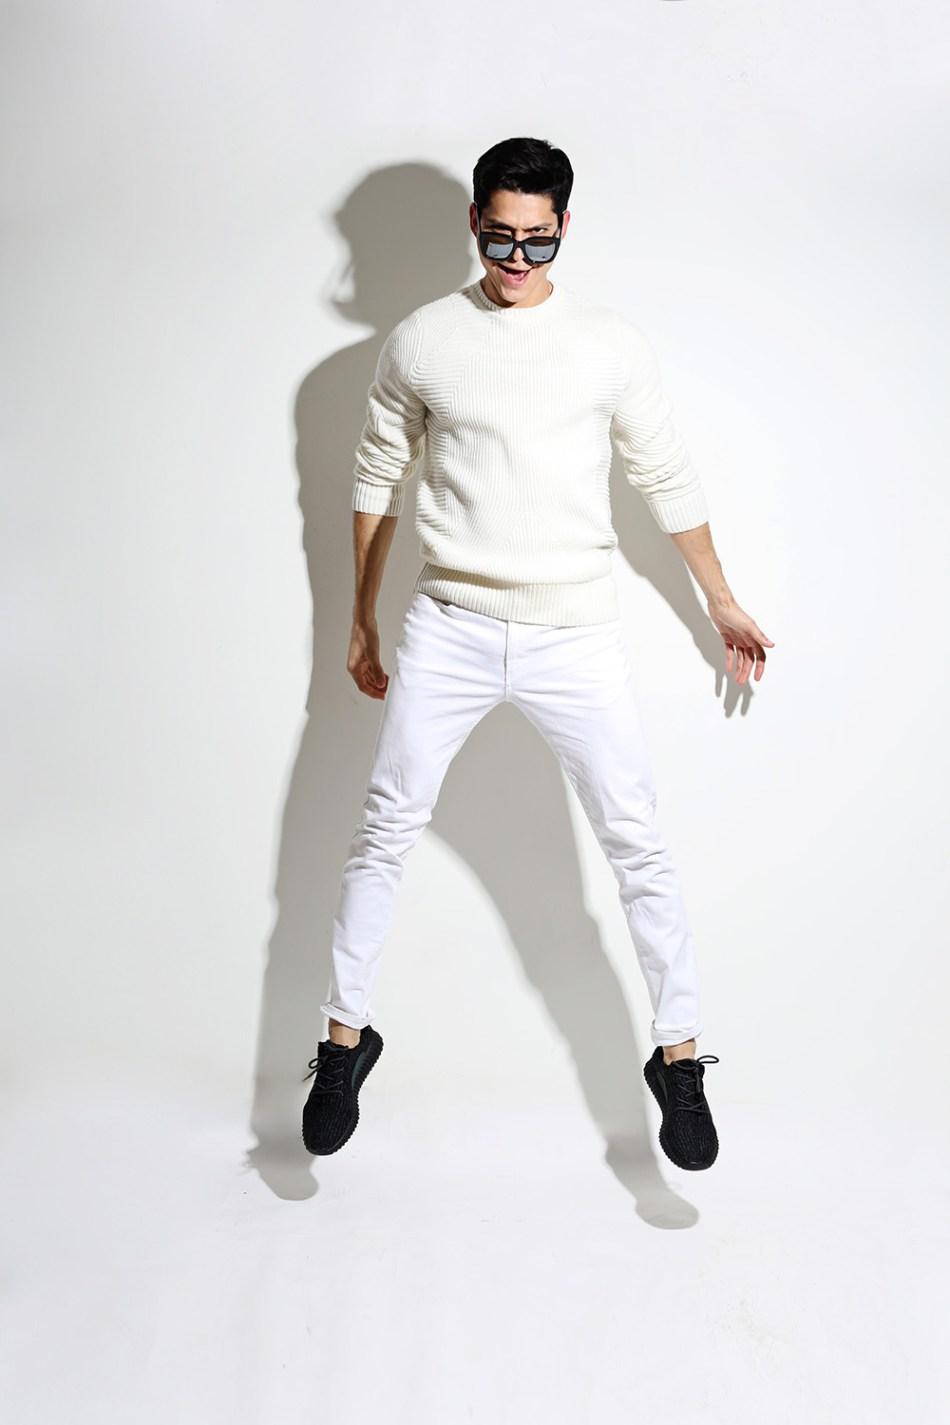 Alex Vega by Karim Konrad for Fashionably Male4